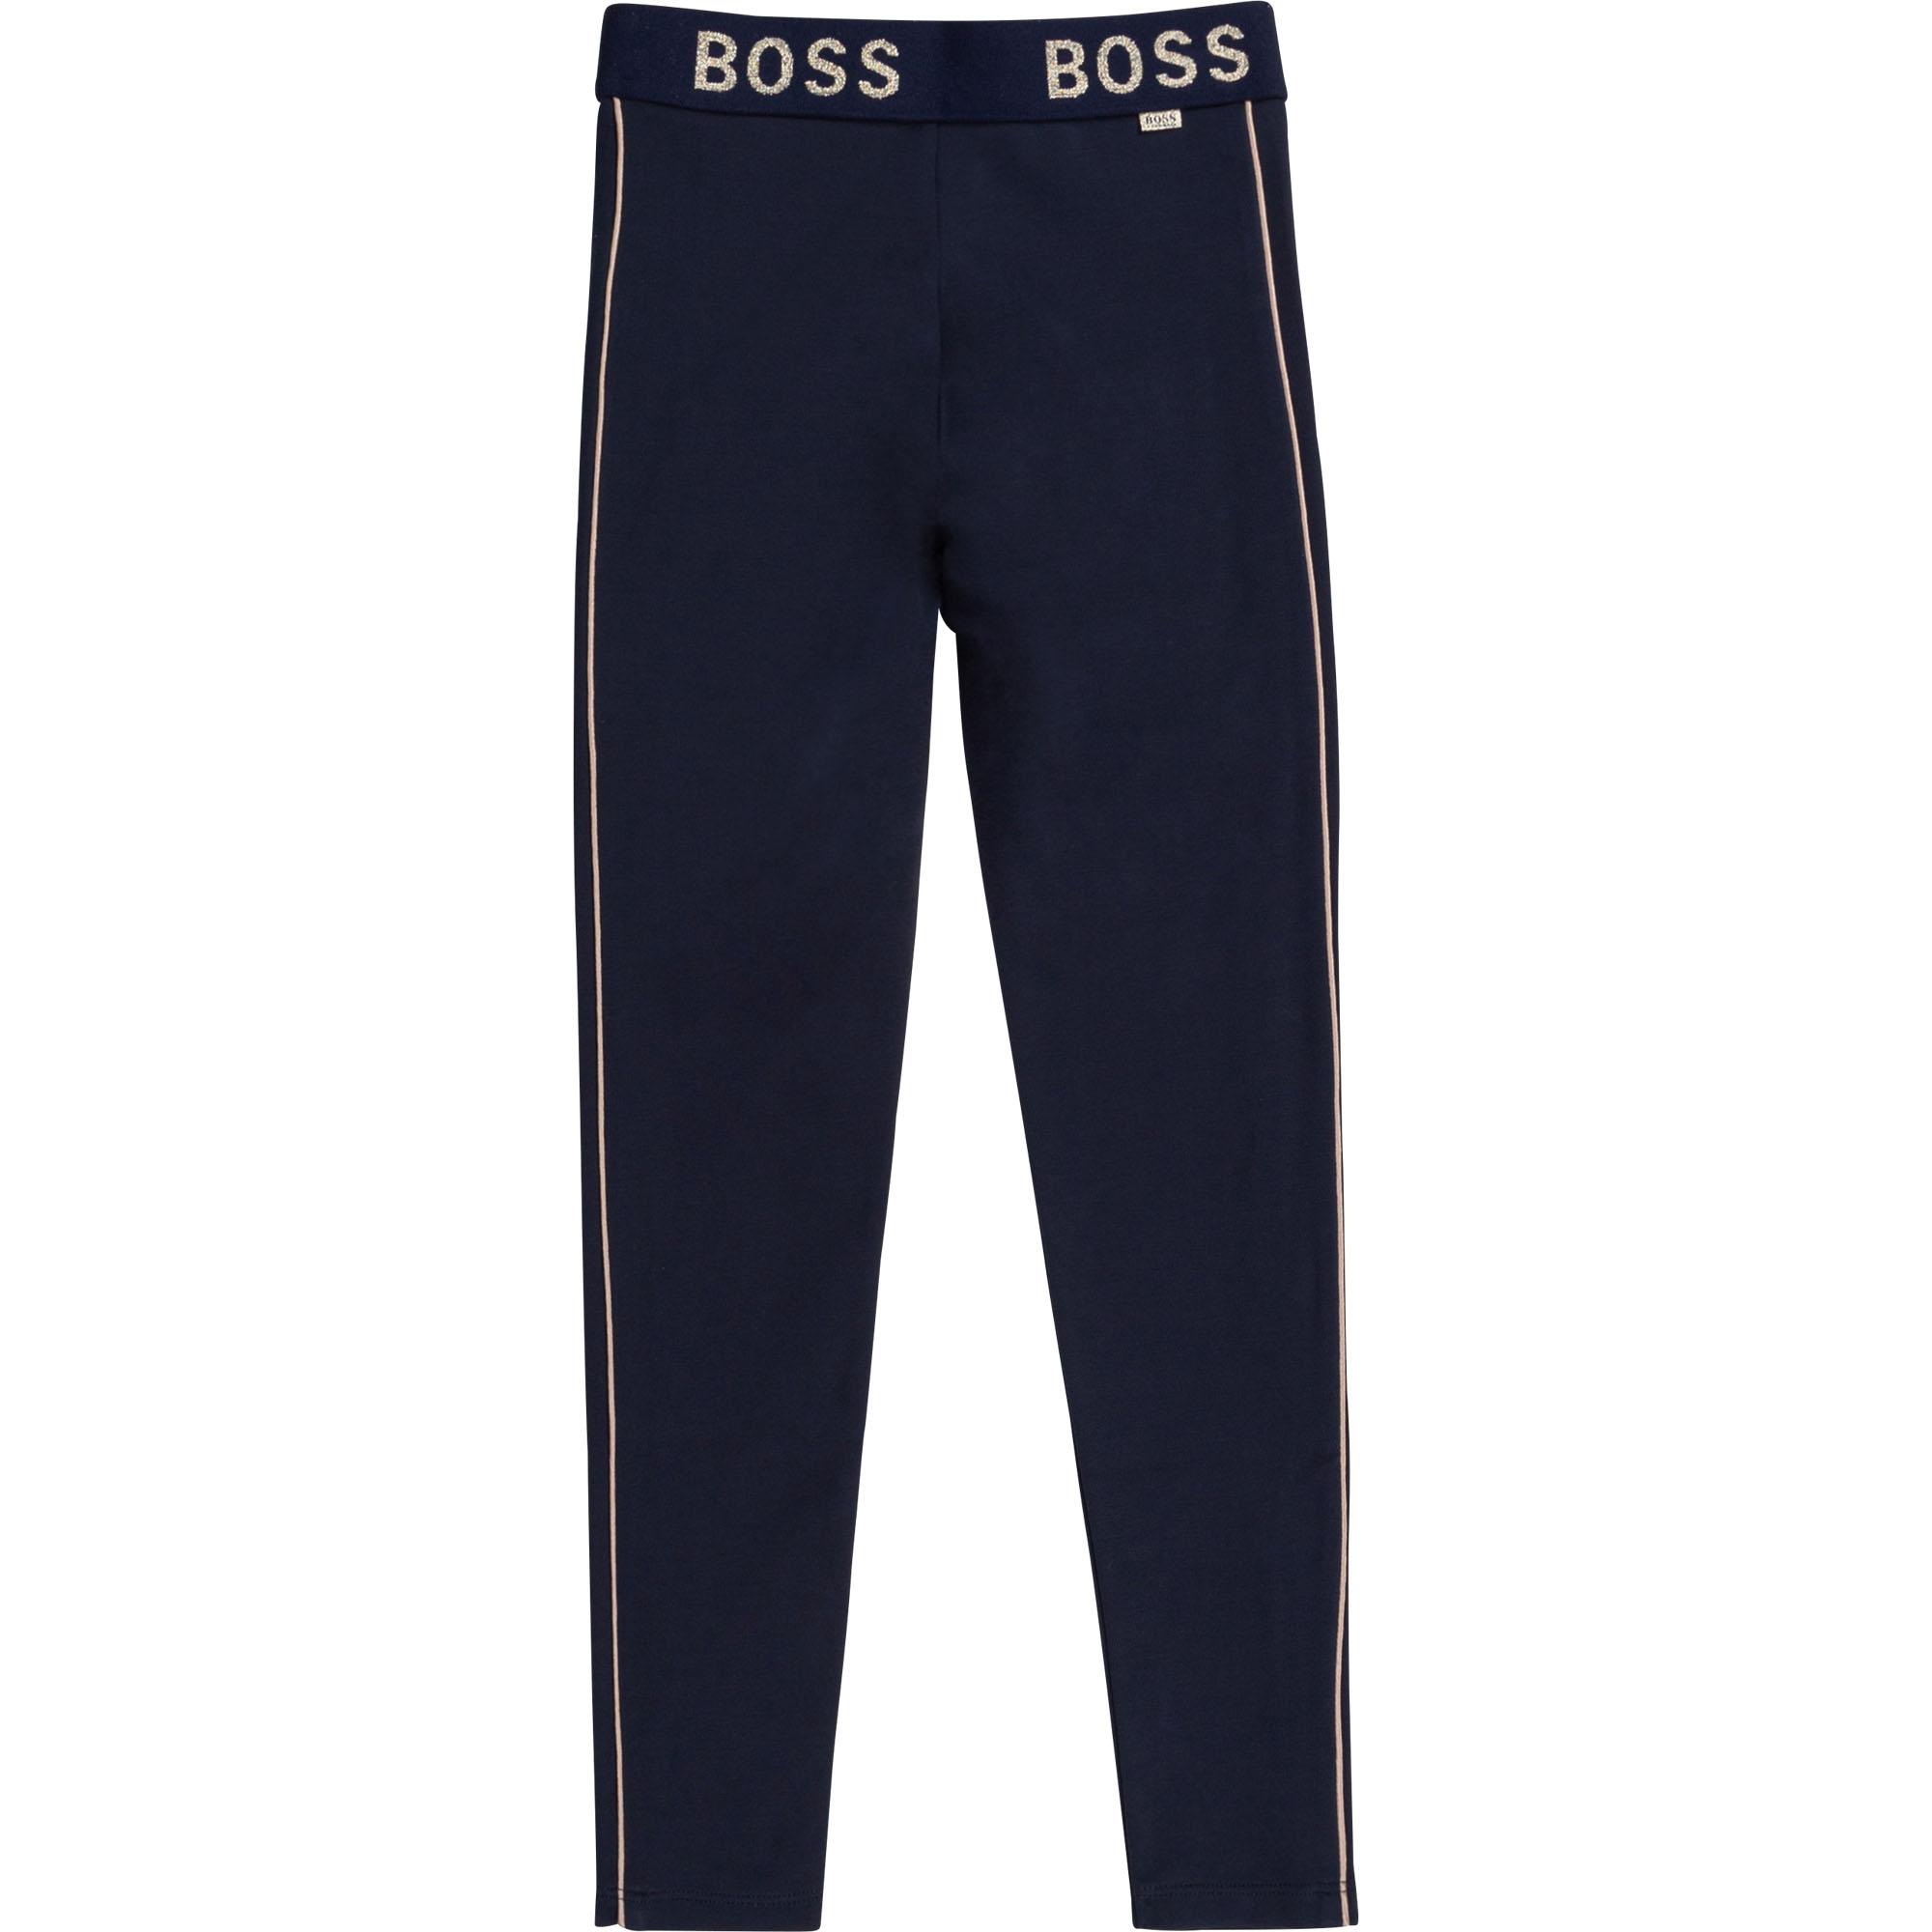 Legging BOSS pour FILLE